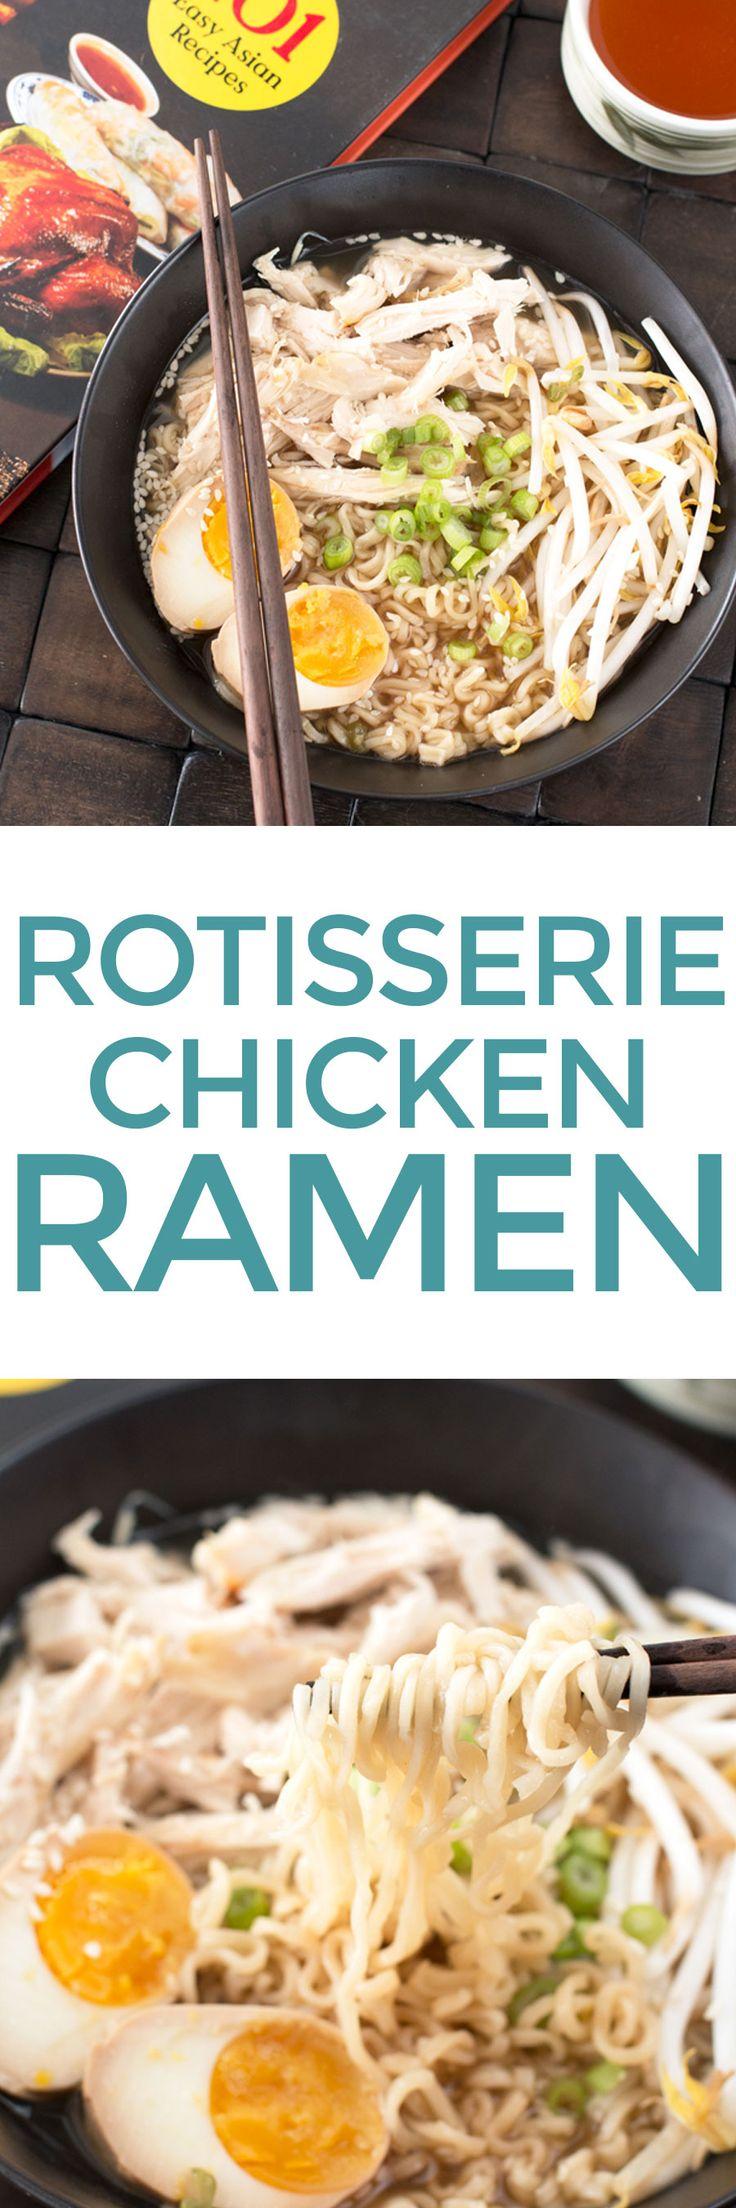 Cookbook Review: Lucky Peach & Rotisserie Chicken Ramen – Cake 'n Knife